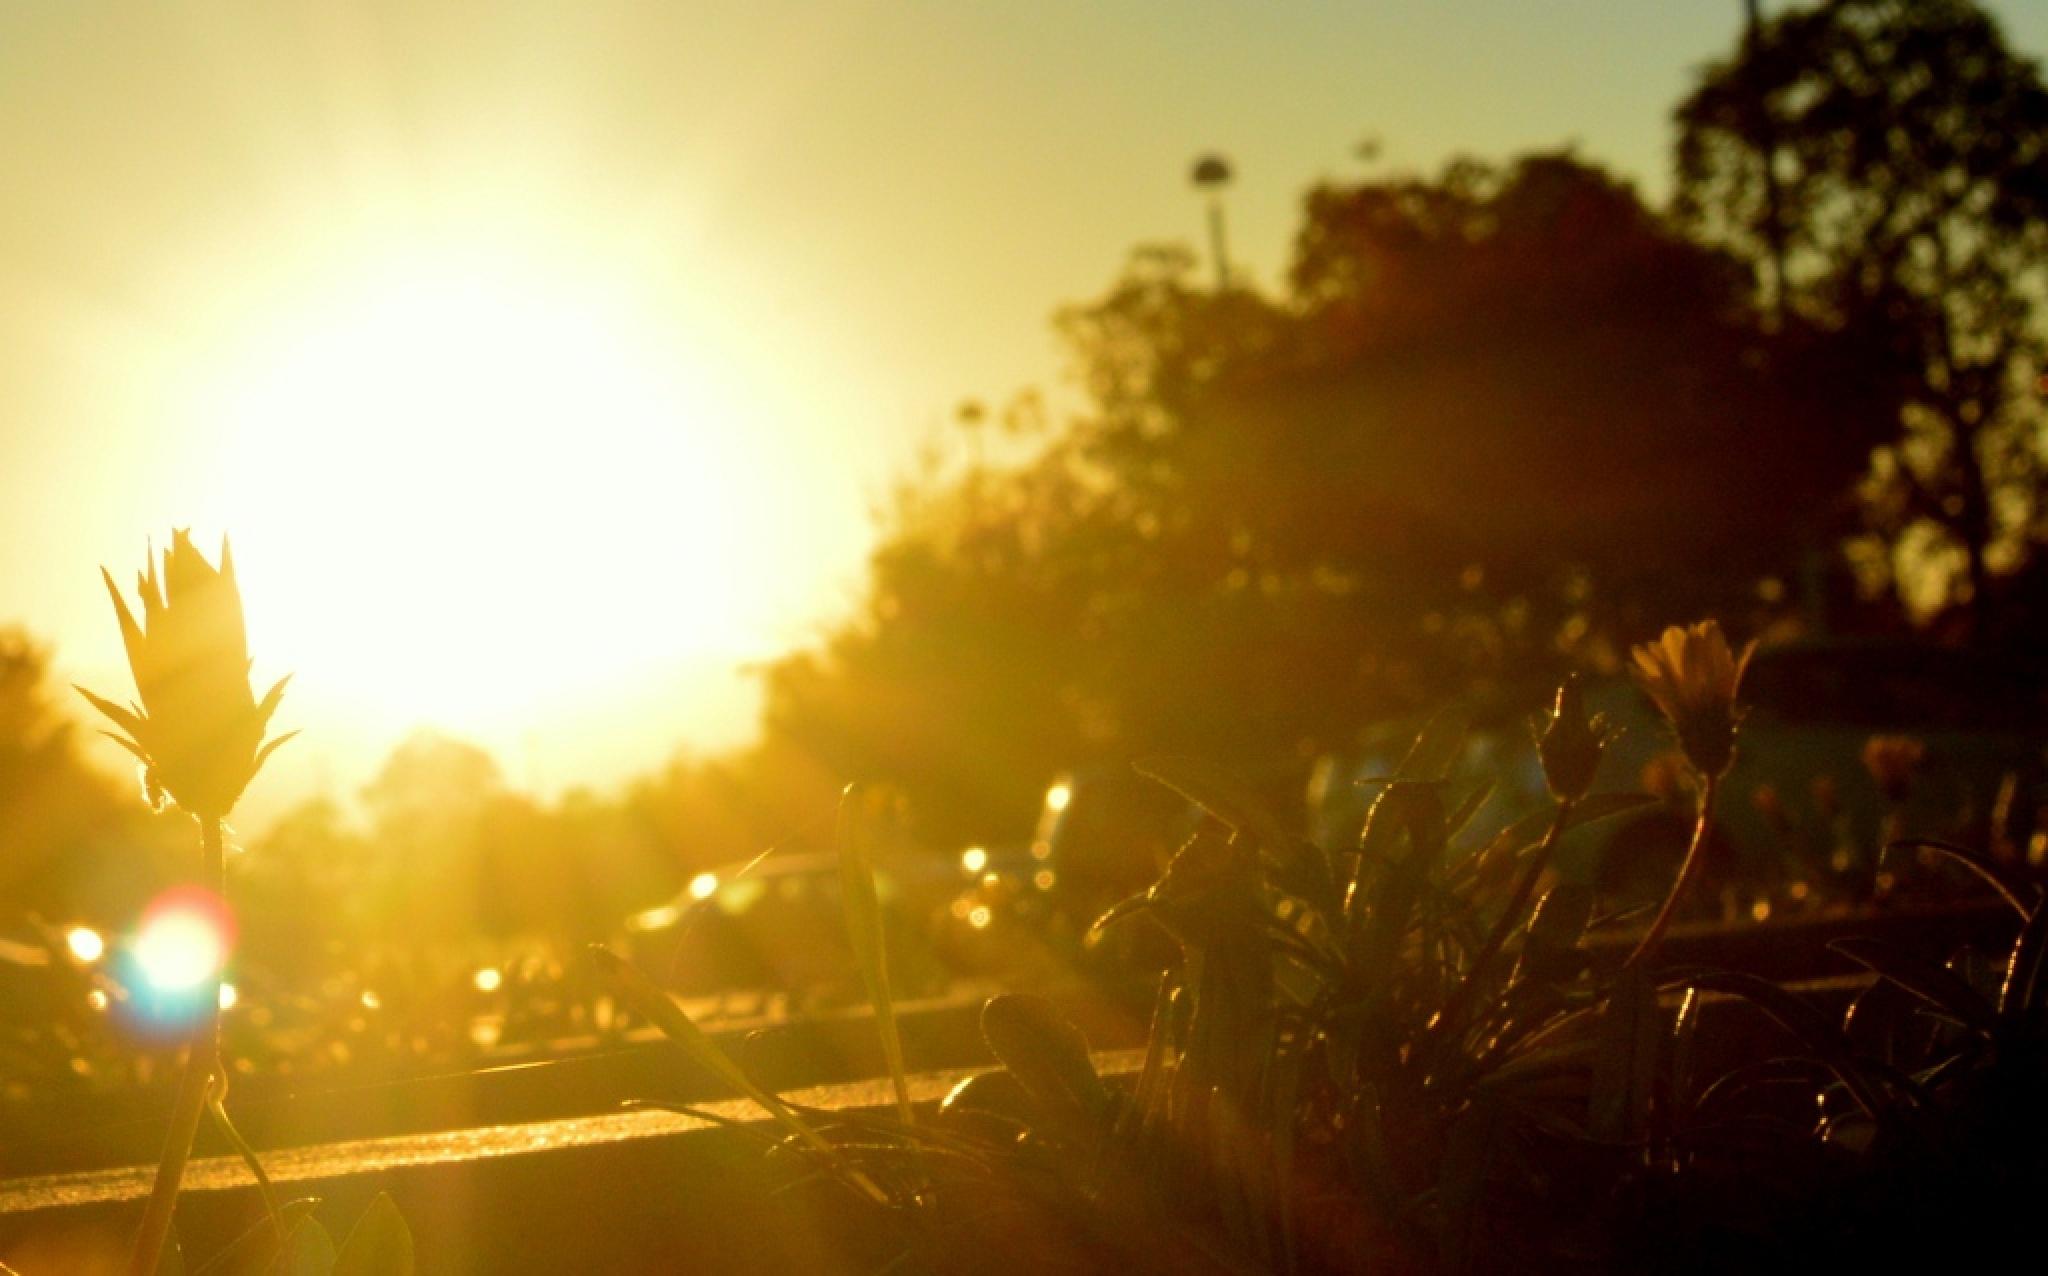 Out in the sun! by Sreelekshmy ST